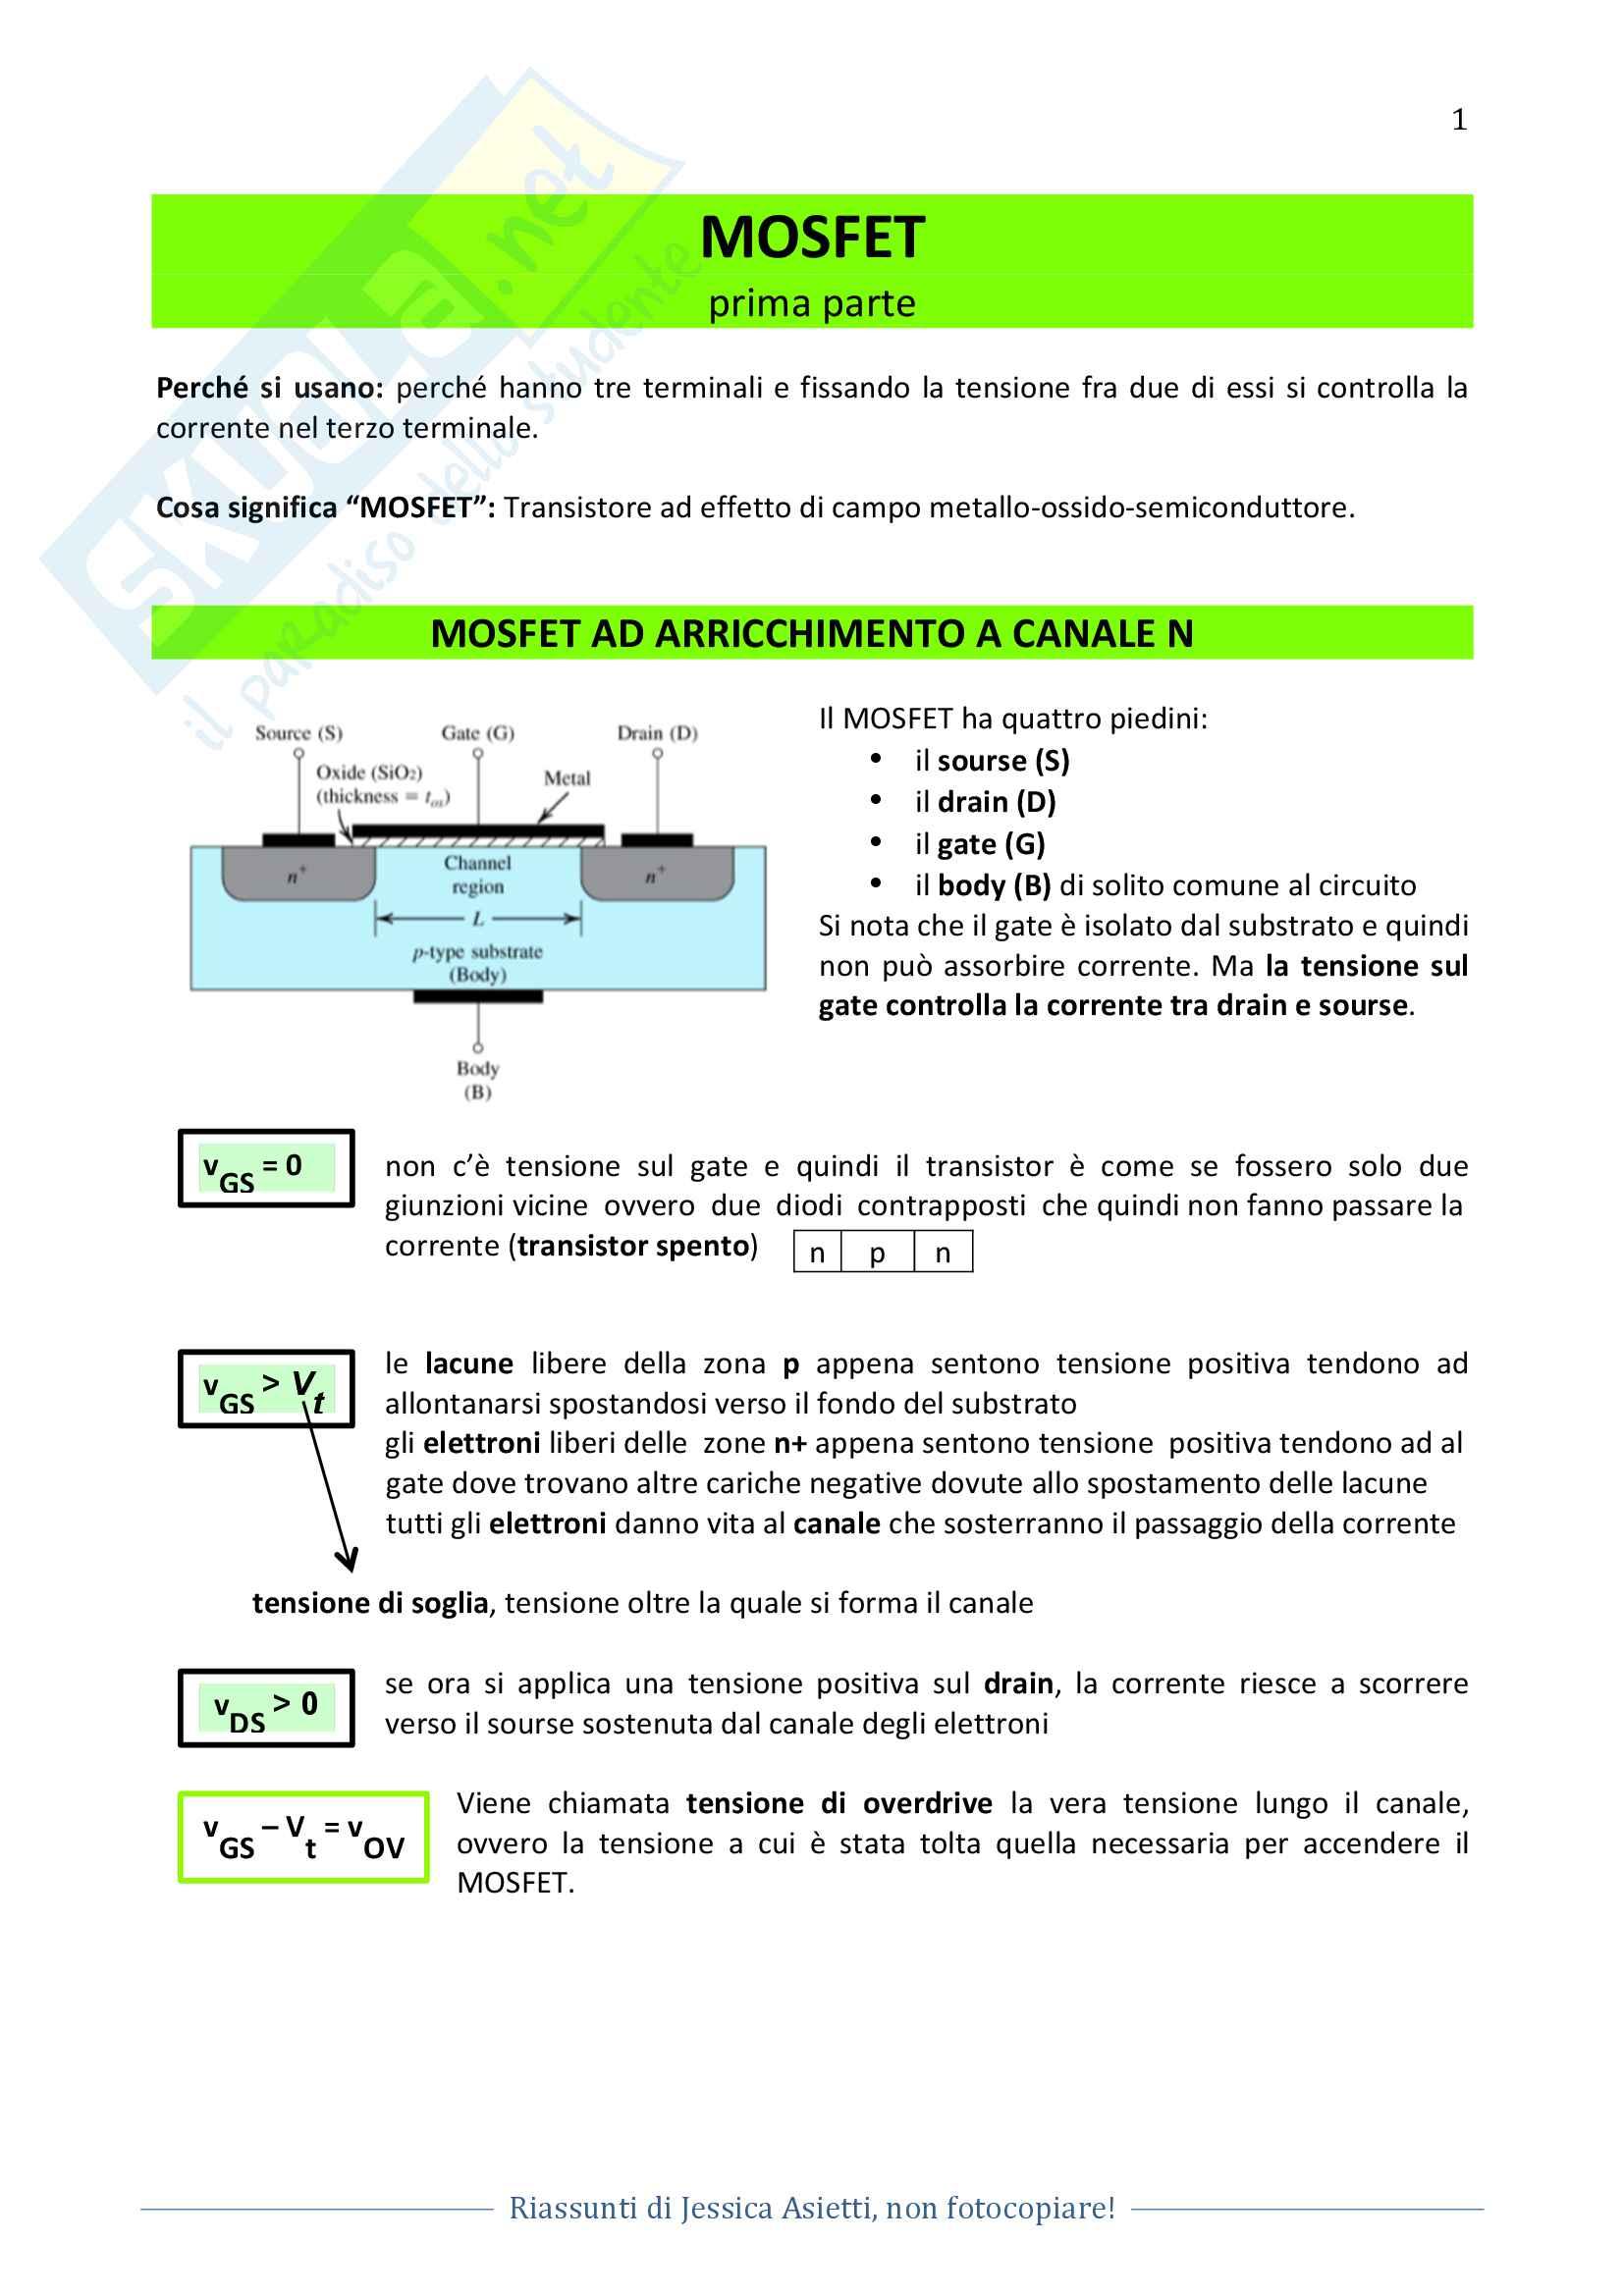 Elettronica 1 - MOSFET, elettronica digitale, memorie